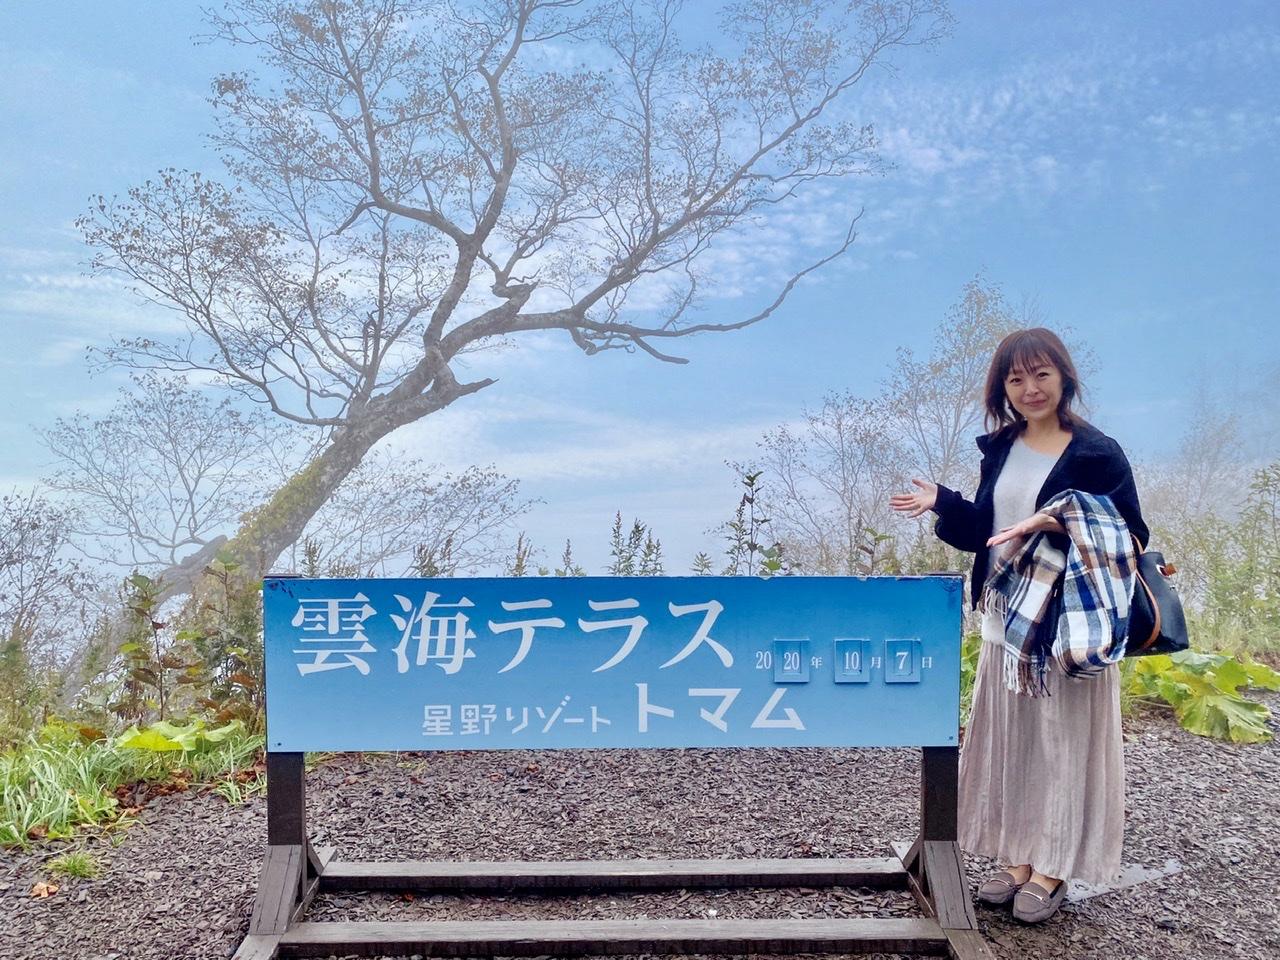 【星野リゾートトマム】天国に一番近いカフェ★ココでしか飲めない《雲海ソーダ》が可愛すぎ♡_1